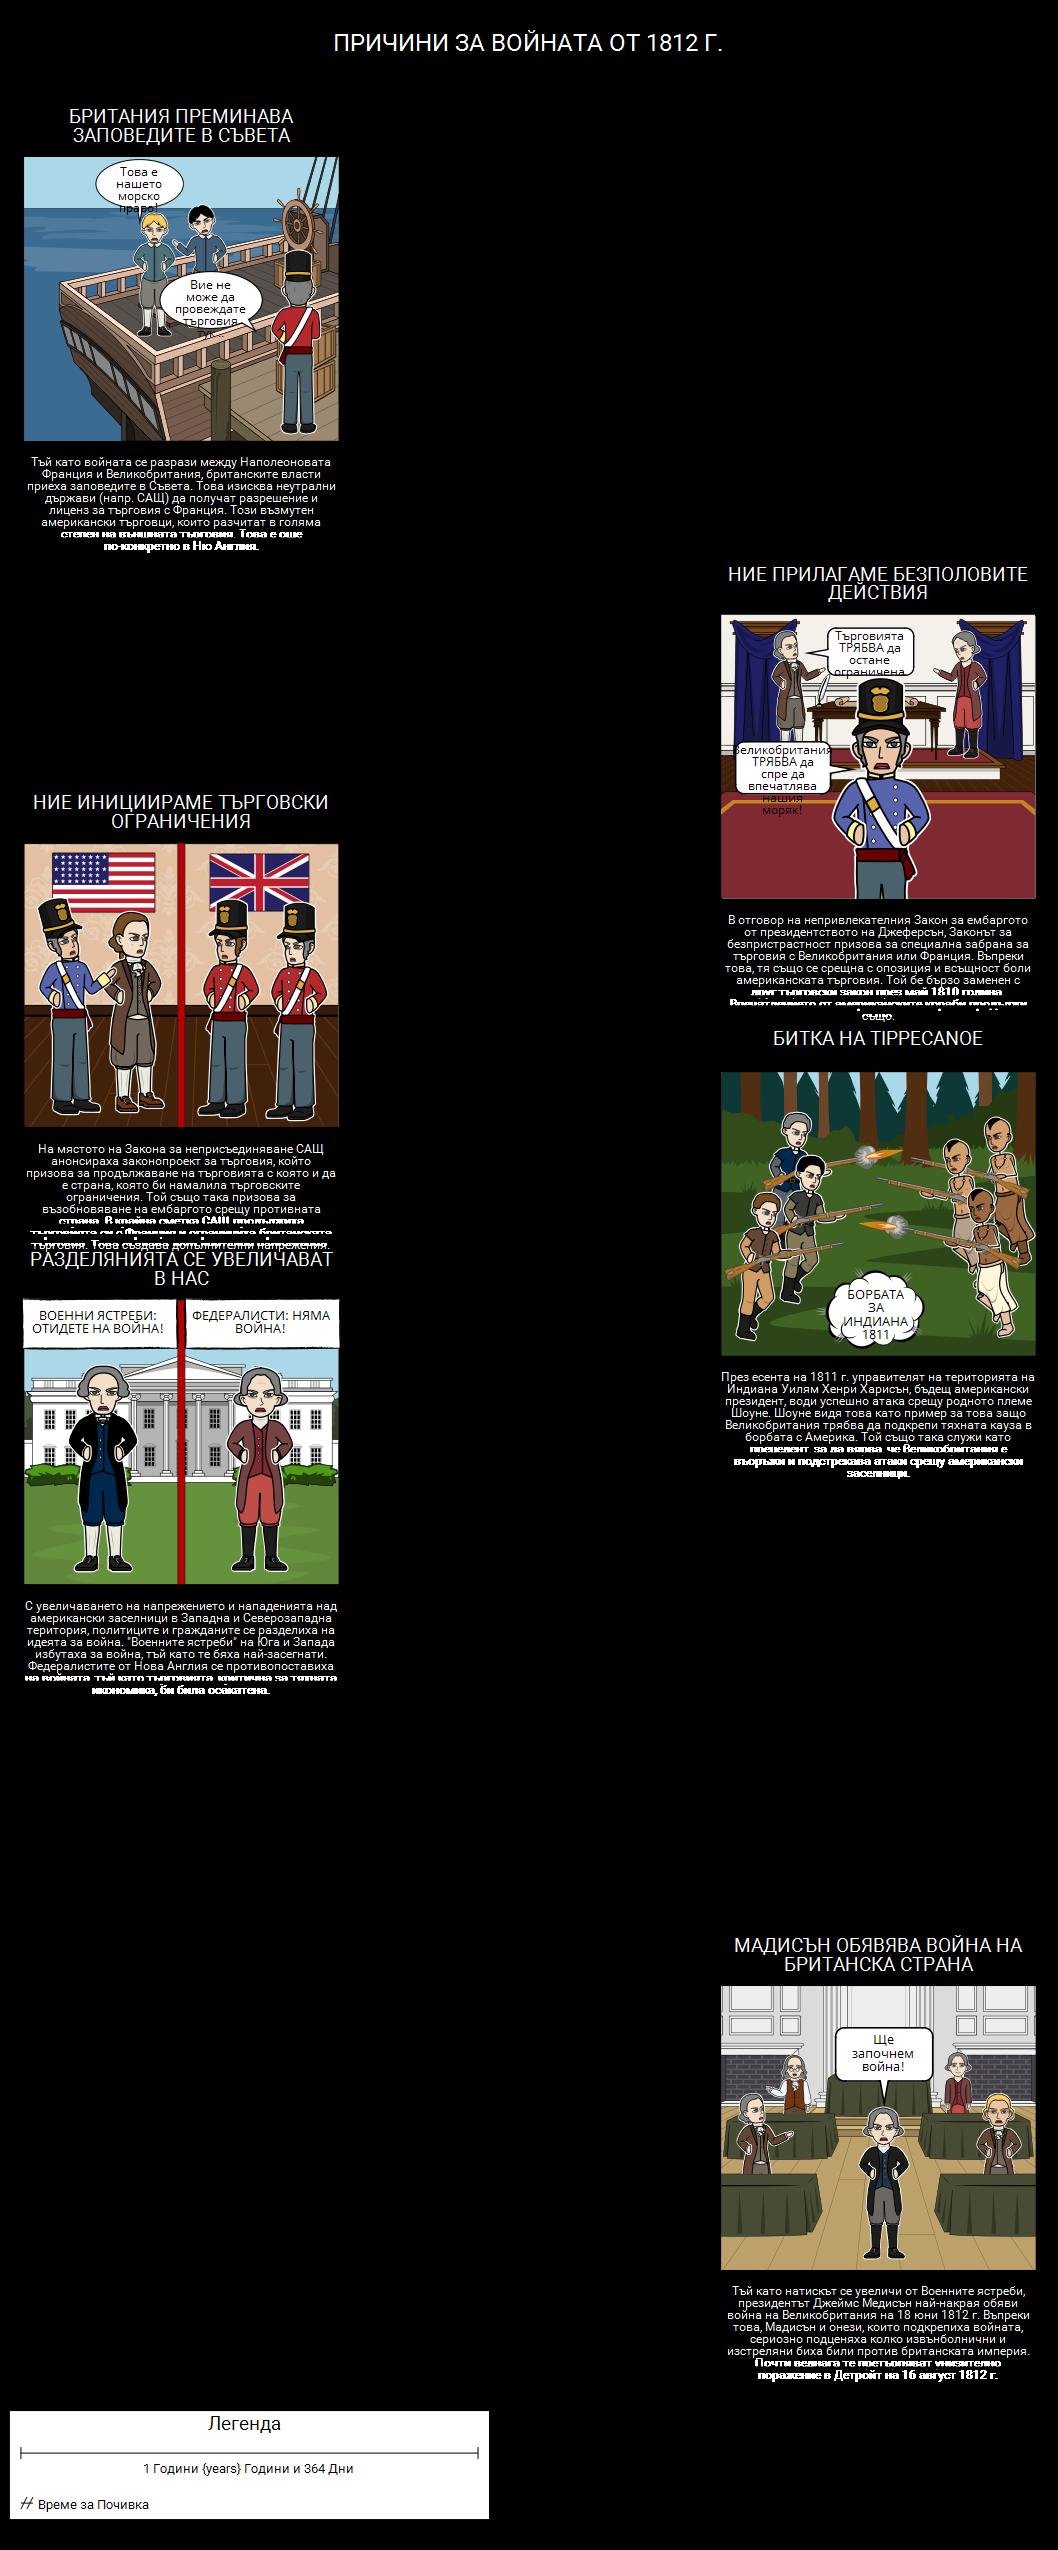 Война от 1812 - Причини за войната от 1812 г